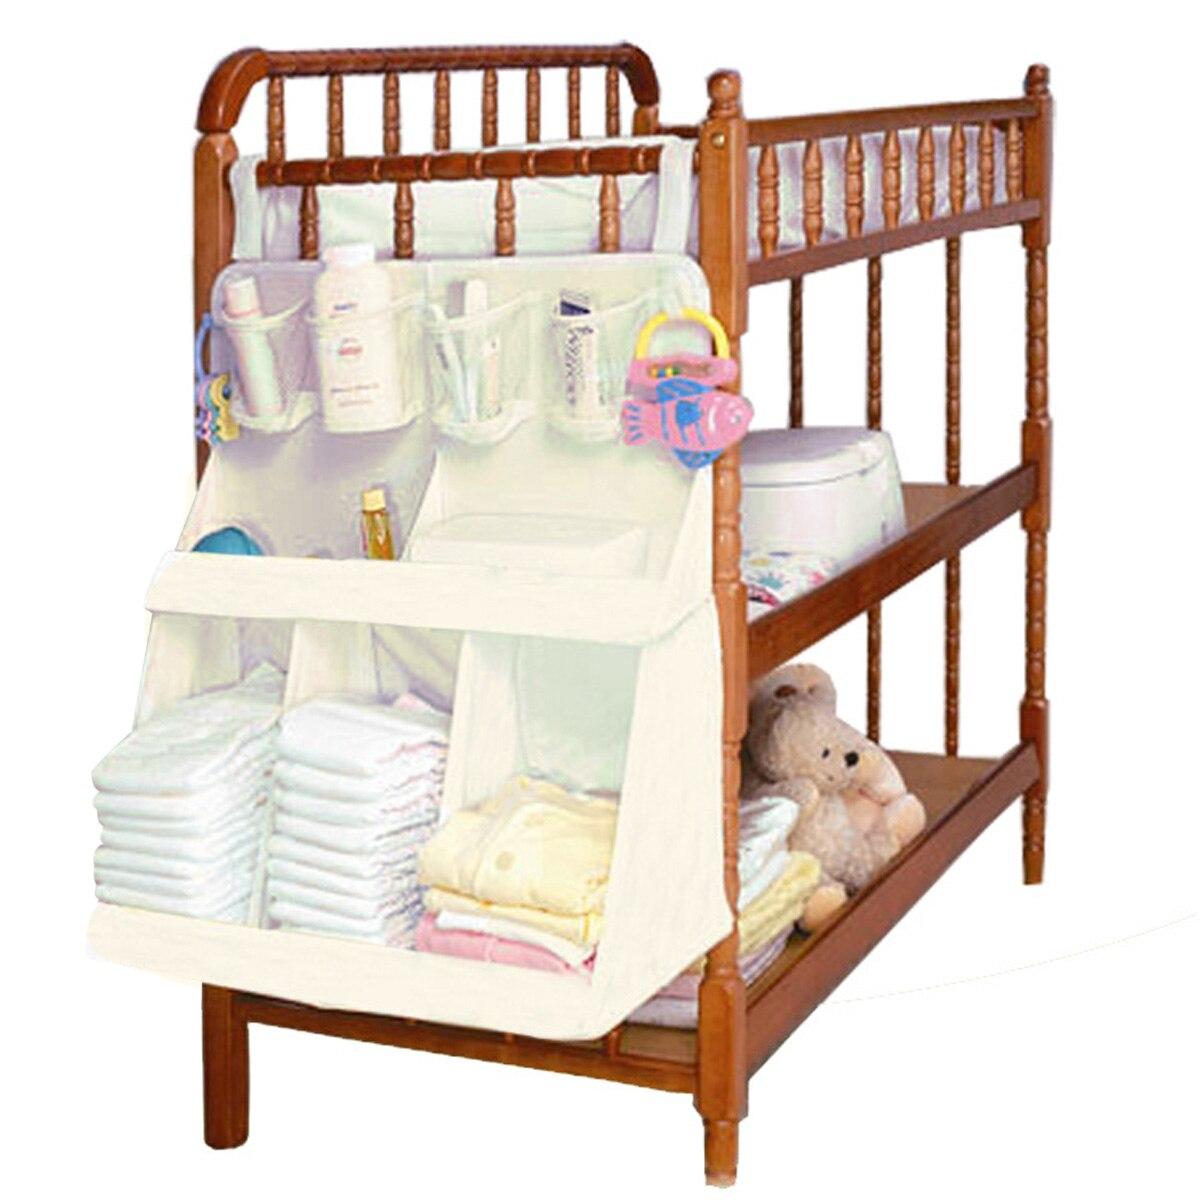 Bébé lit suspendu organisateur sac imperméable bébé couches vêtements biberon jouets accessoires organisateur sac pour lit de berceau